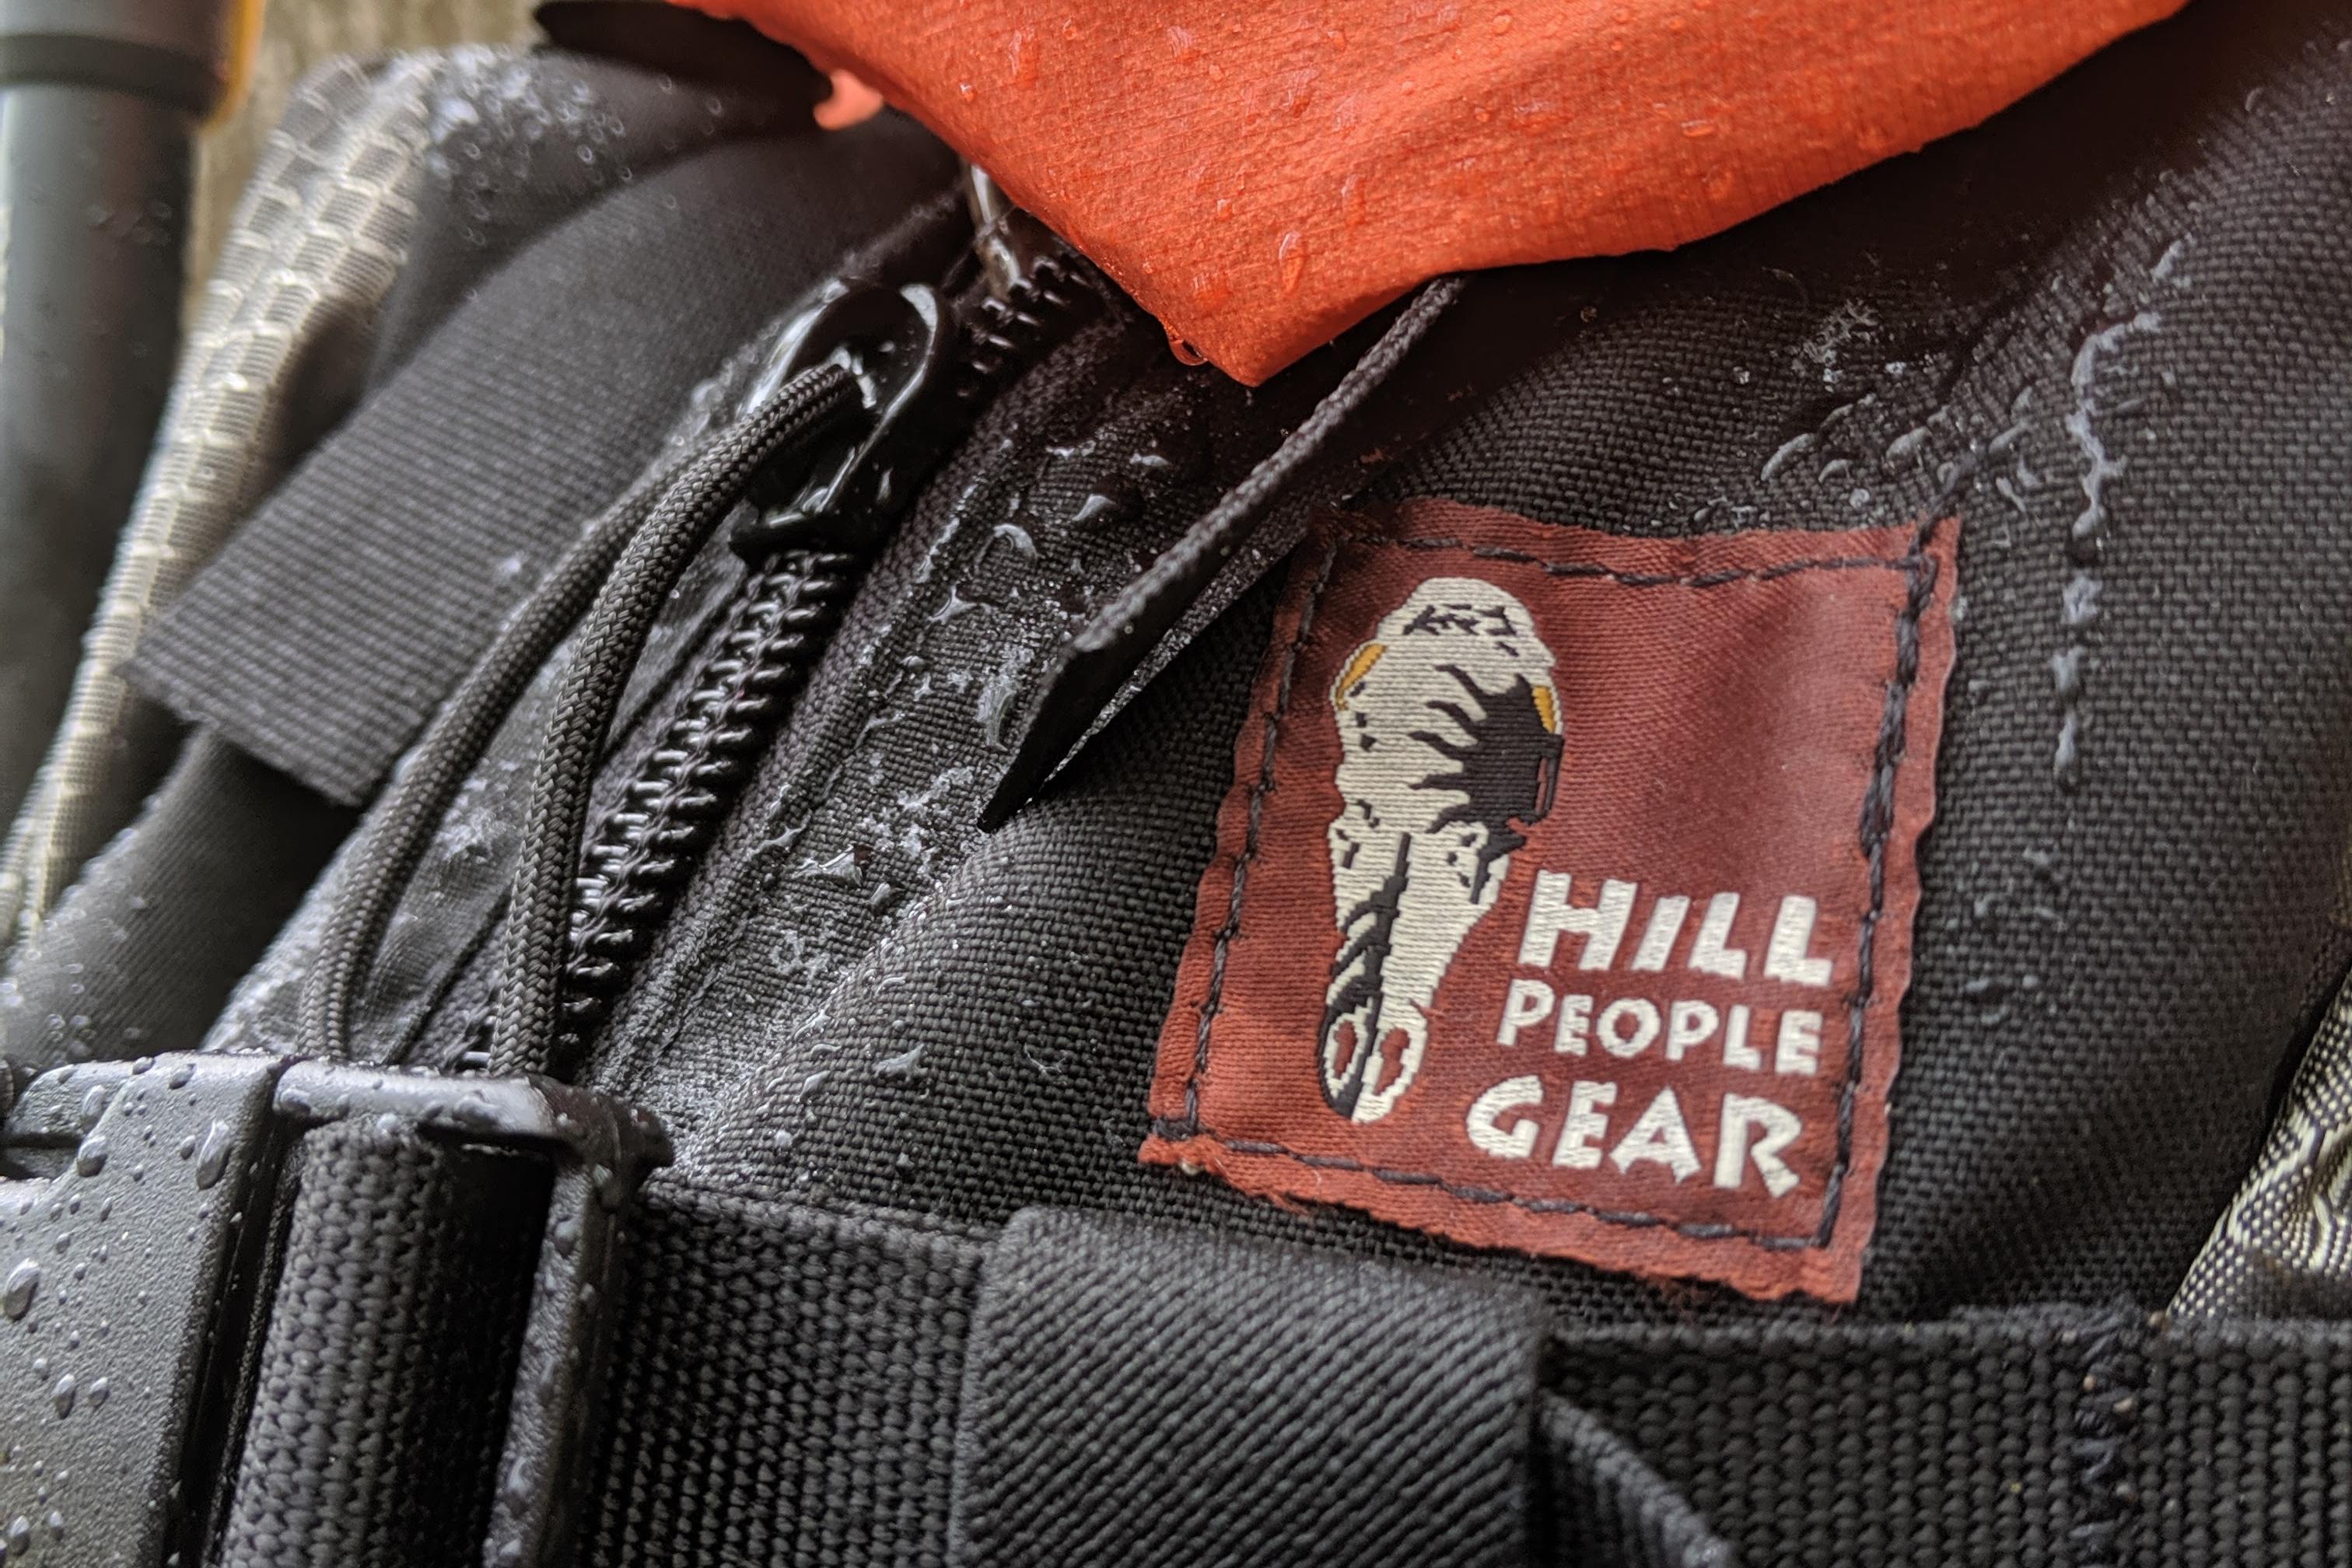 Hill People Gear Tarahumara Review logo in rain